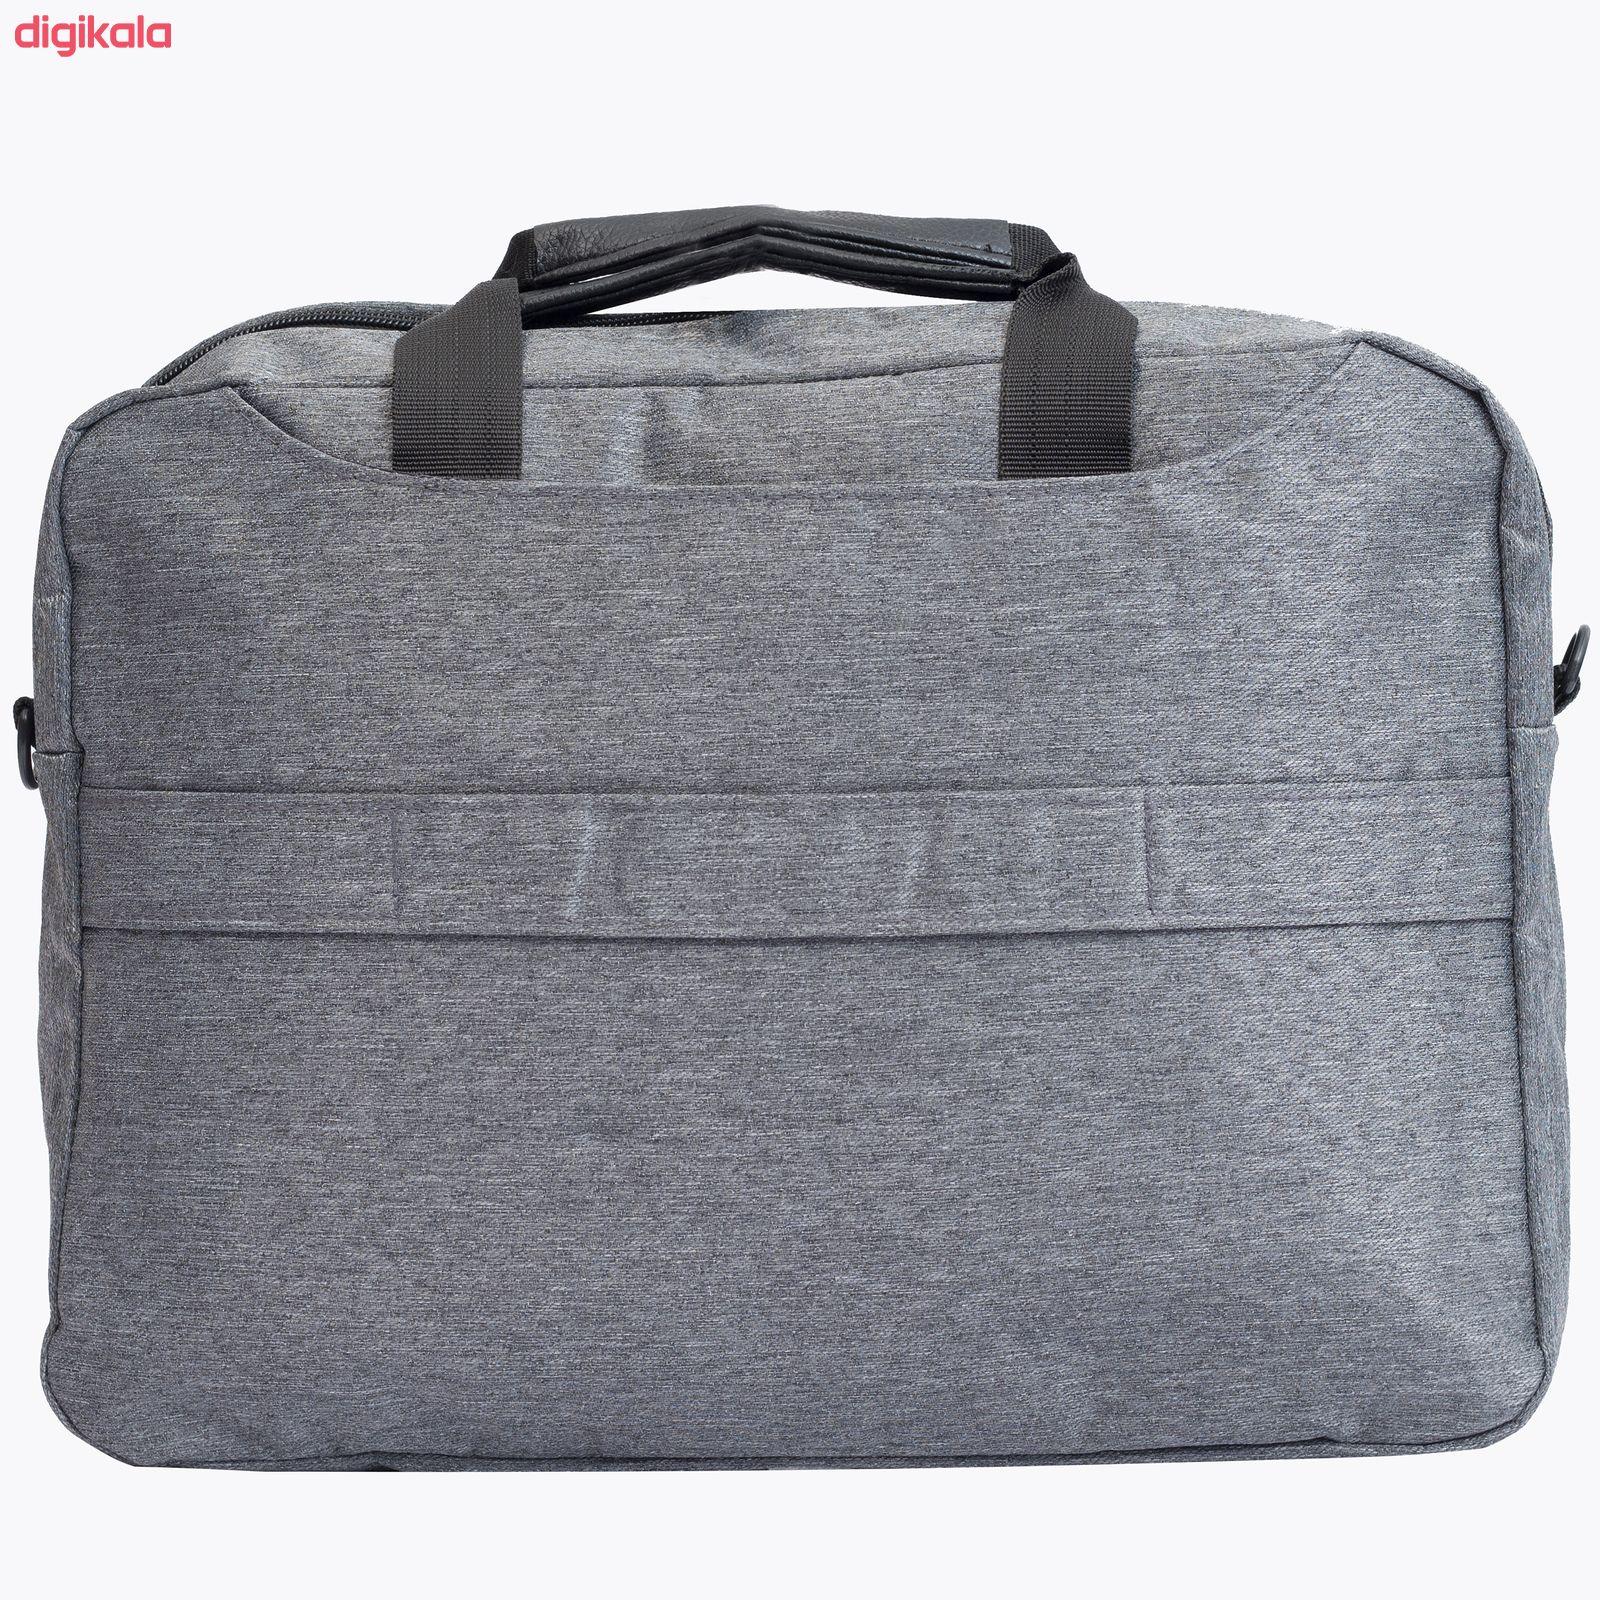 کیف لپ تاپ مدل VS-78 مناسب برای لپ تاپ 15.6 اینچی main 1 4